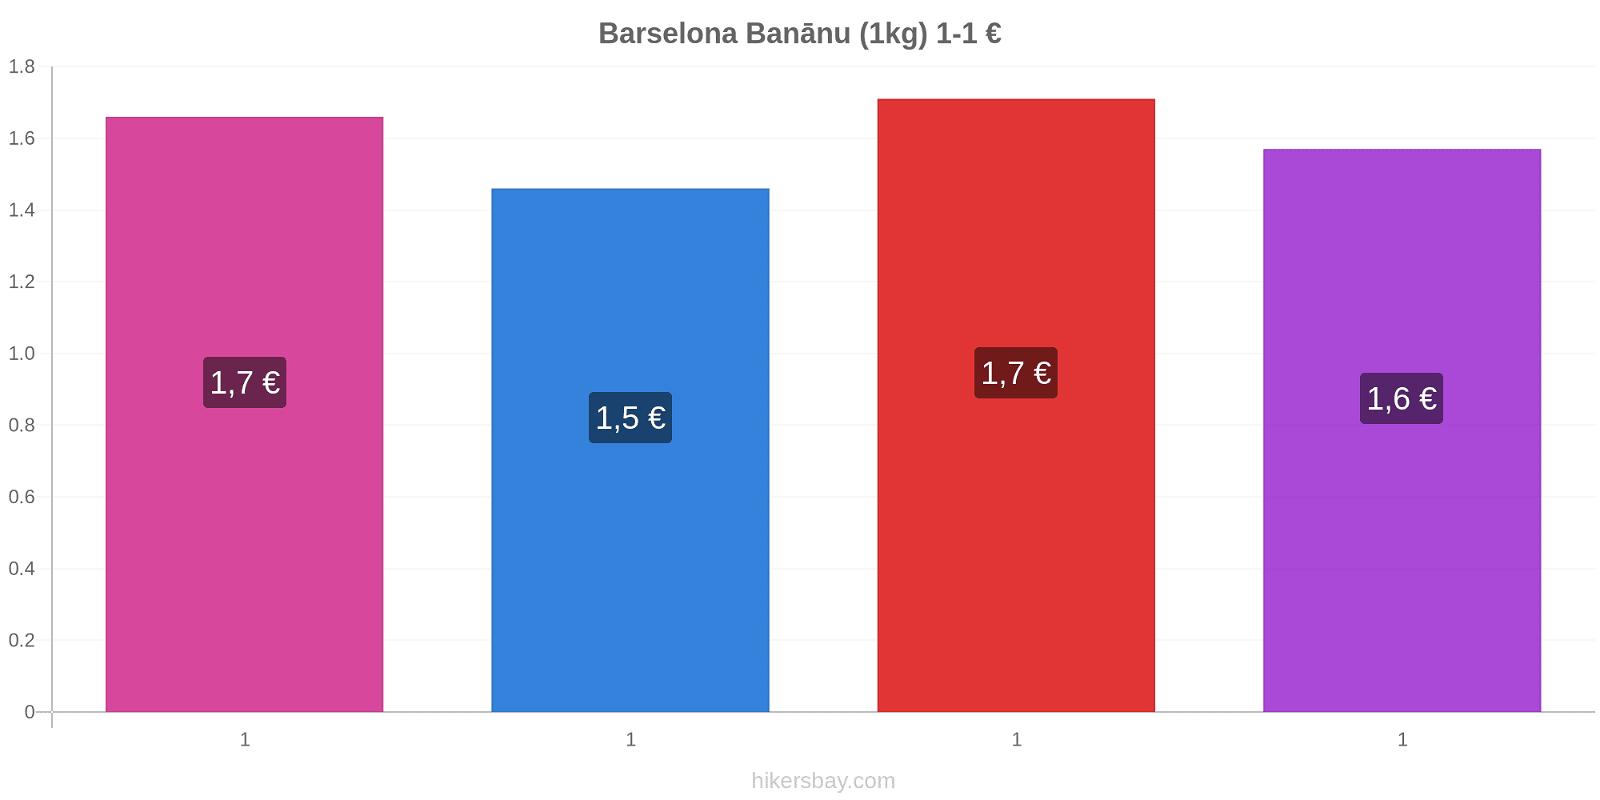 Barselona cenu izmaiņas Banānu (1kg) hikersbay.com